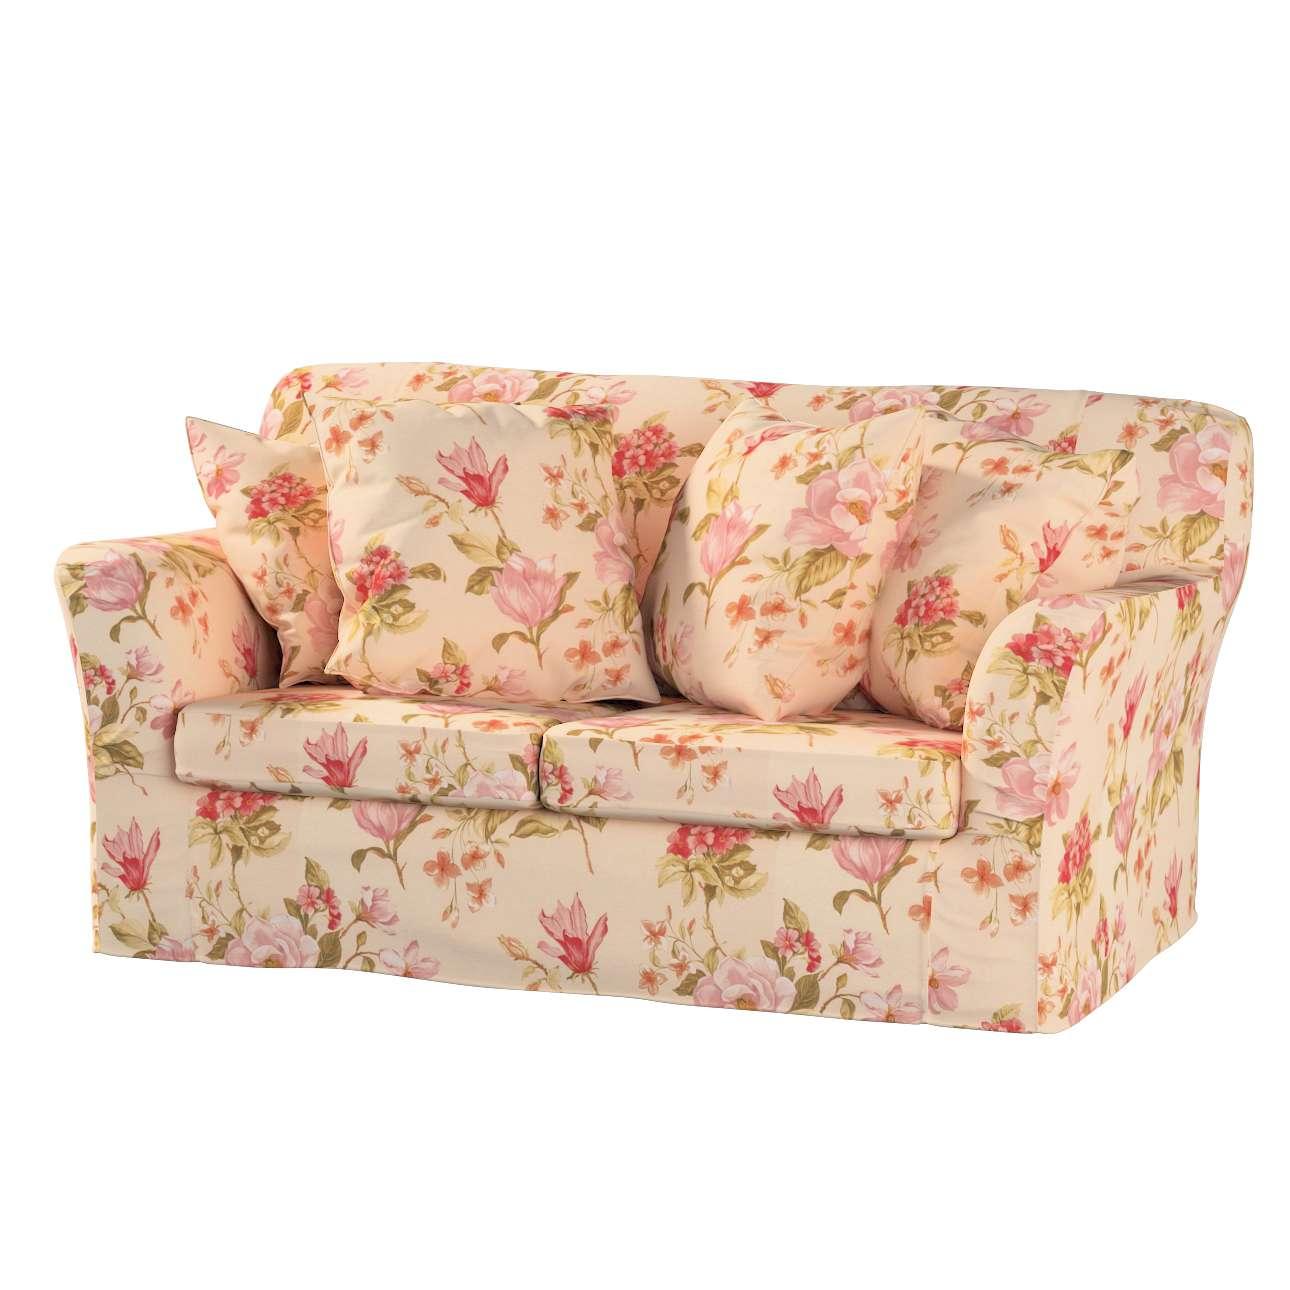 TOMELILLA  dvivietės sofos užvalkalas TOMELILLA dvivietė sofa kolekcijoje Londres, audinys: 123-05